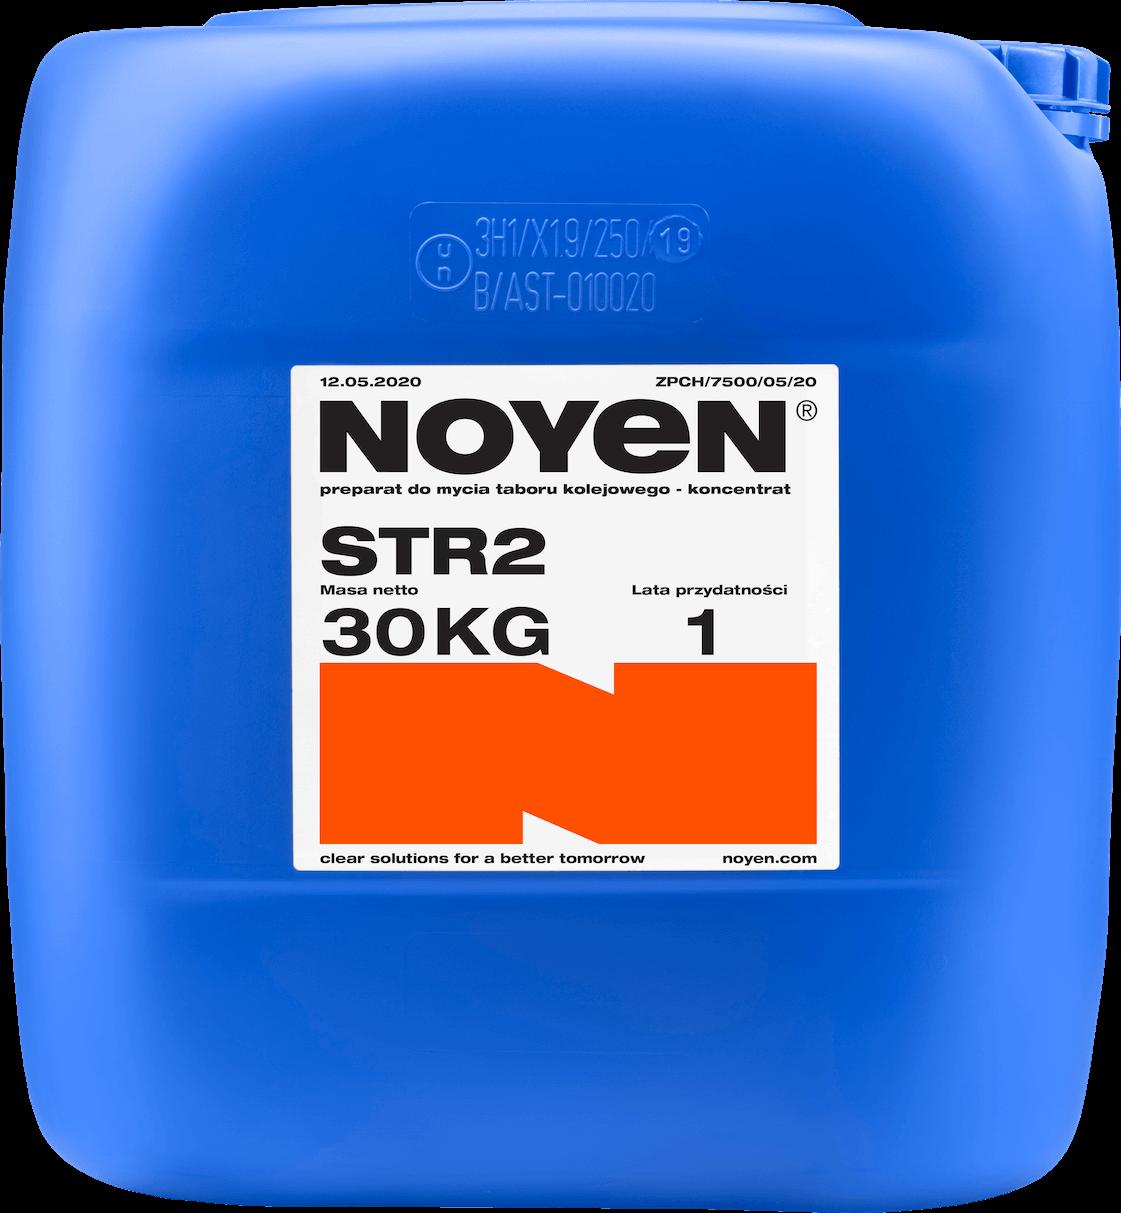 STR2 NOYEN 30 KG preparat do mycia taboru kolejowego - koncentrat w niebieskim kanistrze